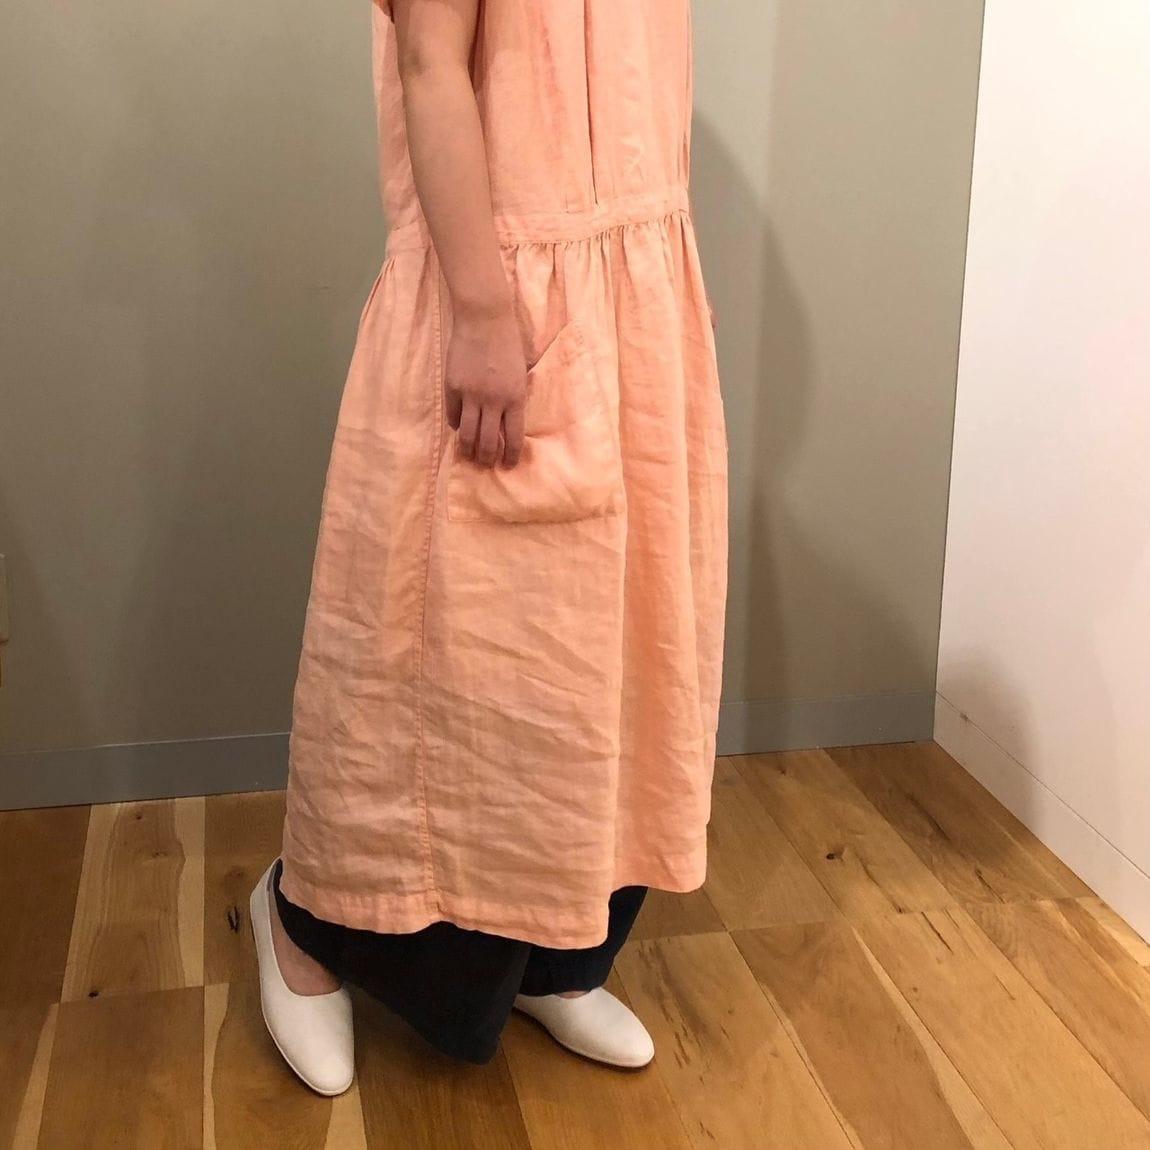 【イデーショップヴァリエテ柏】POOLいろいろの服 アーカイブコレクション